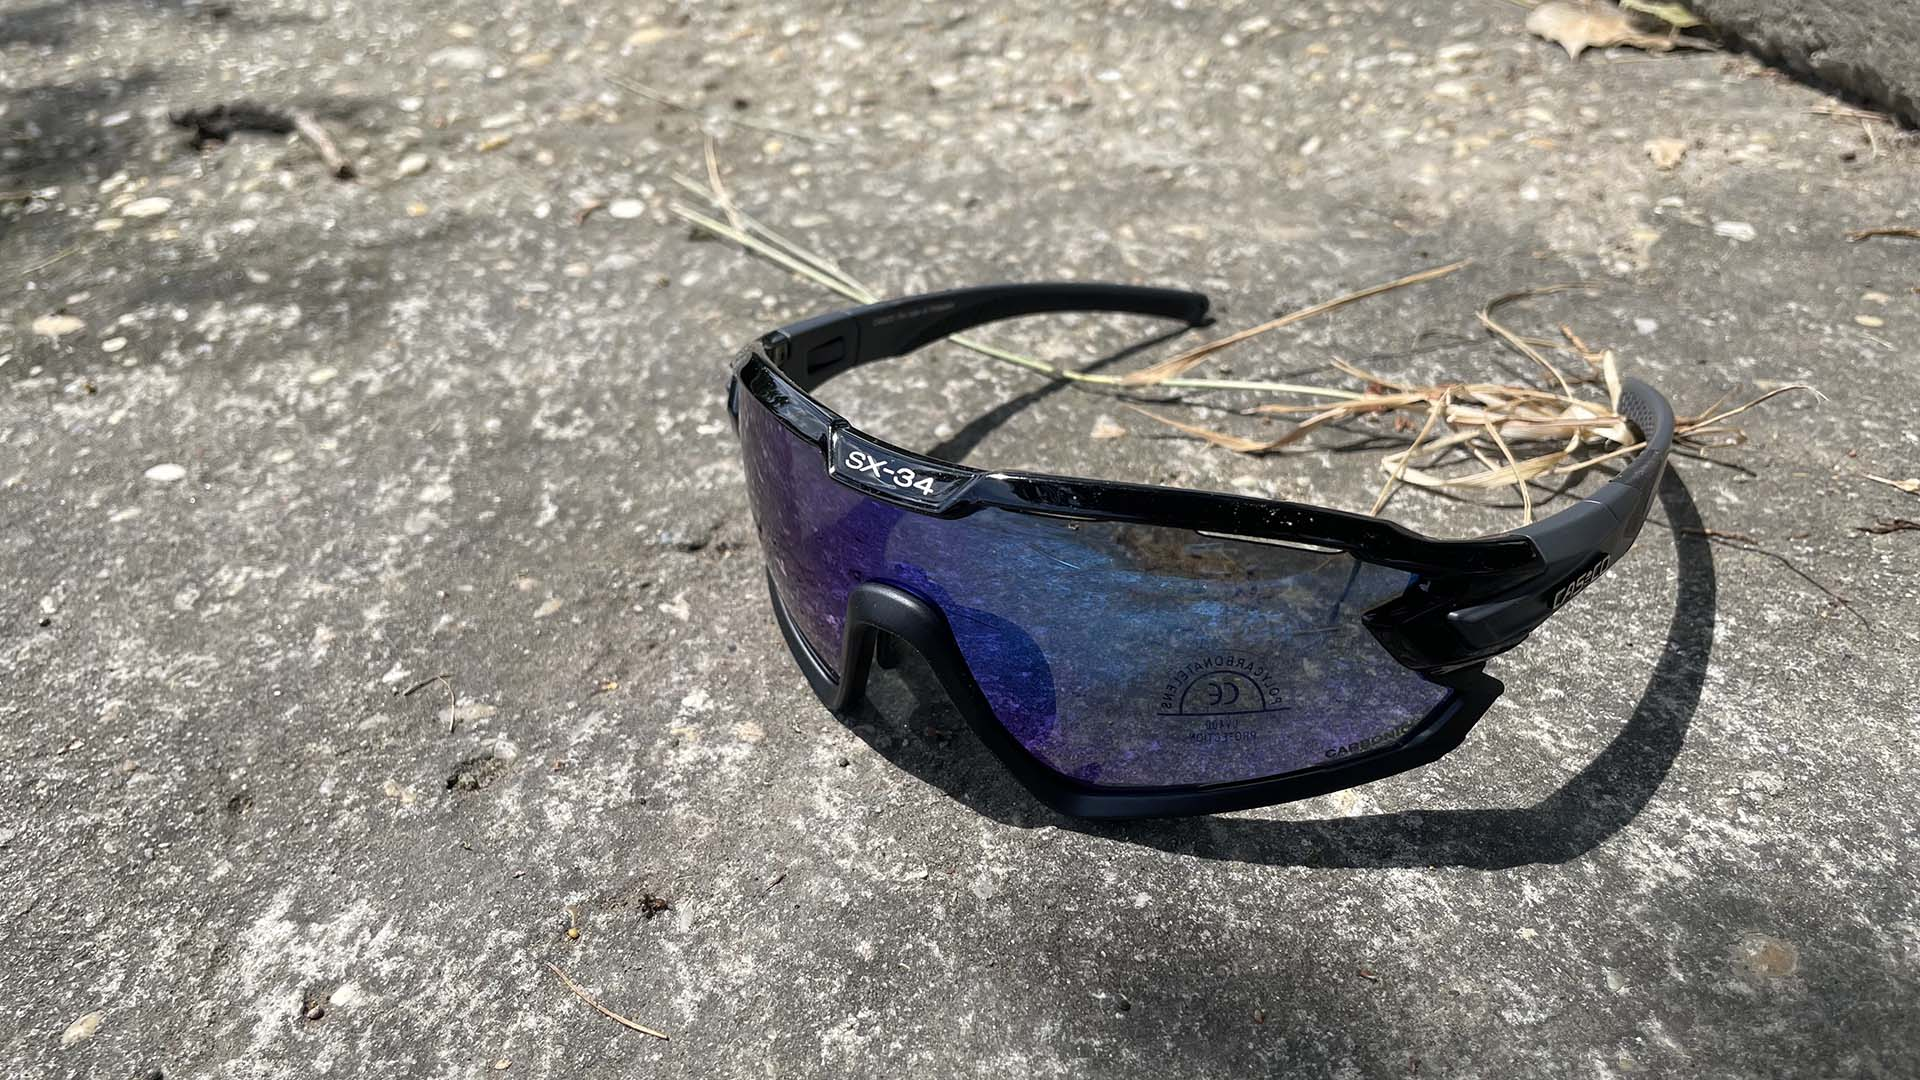 Funkcionális szemüveg sportoláshoz kifejlesztve: Casco SX-34 sportszemüveg-18